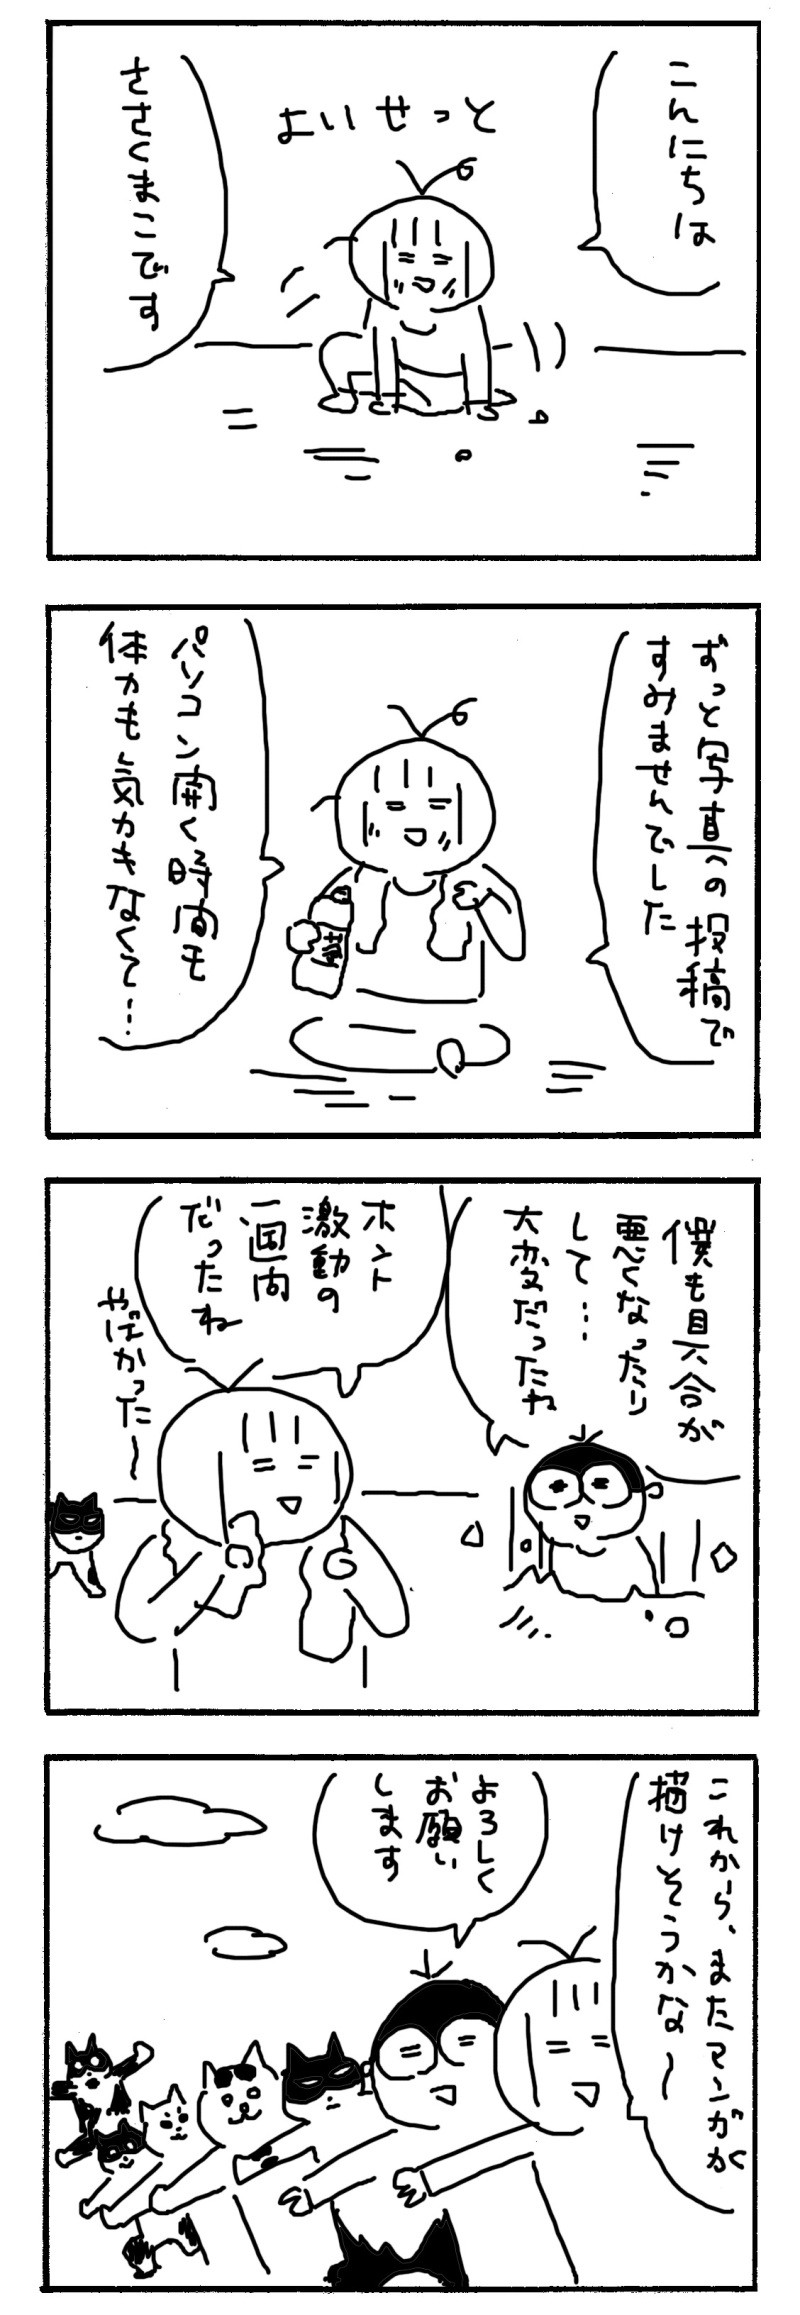 09abb67b.jpg